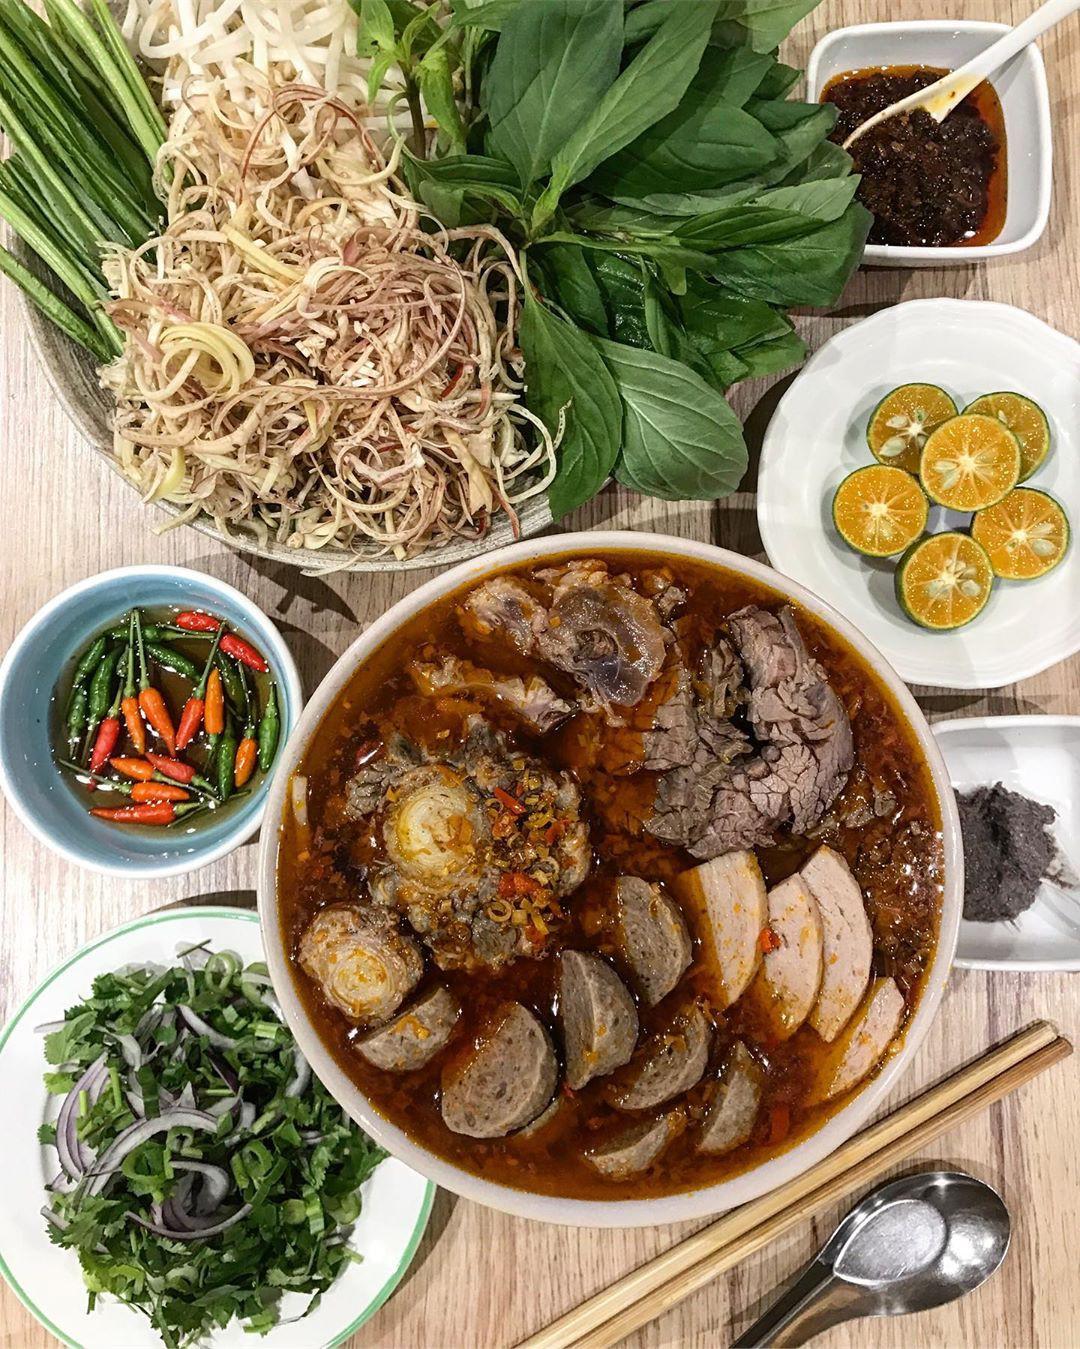 Lễ 2/9 ngại đi chơi xa, đến ngay những quán ăn ngon và thưởng thức món ăn vặt nổi tiếng xứ Huế  - Ảnh 8.